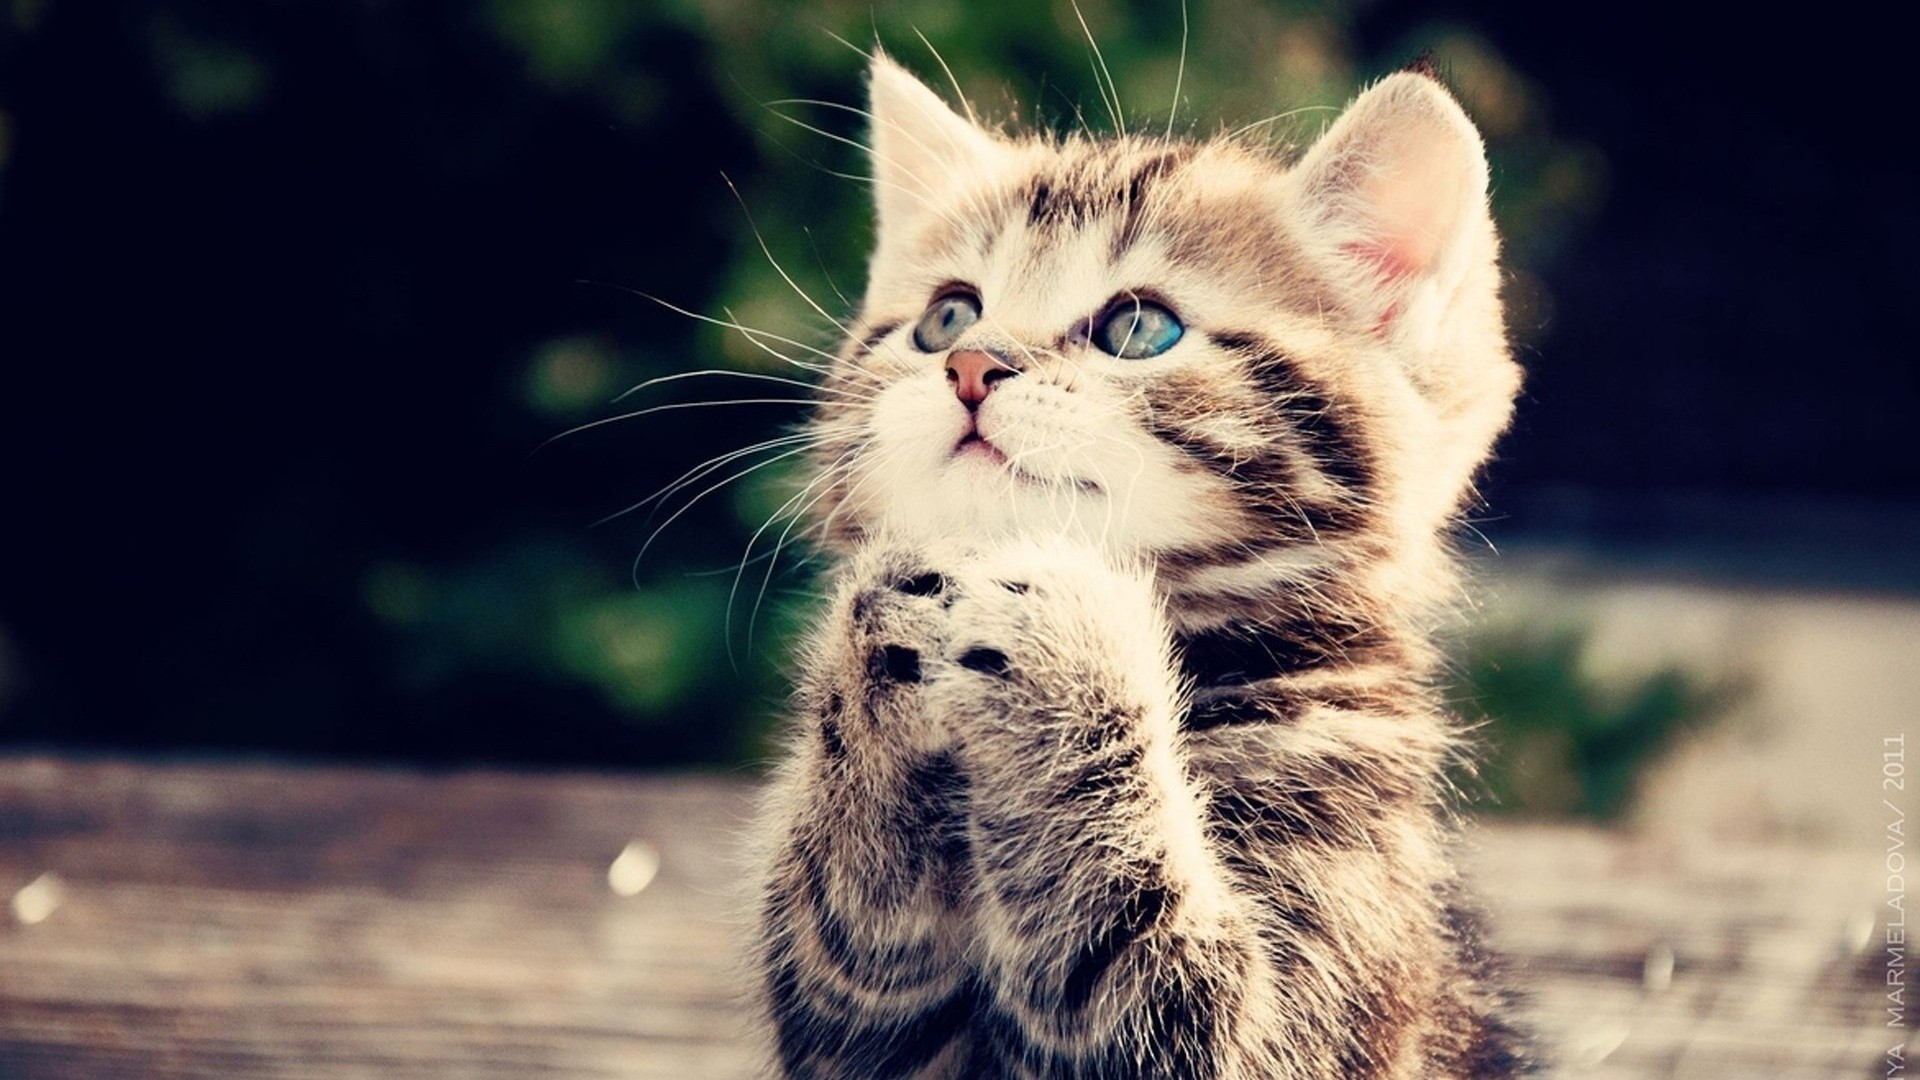 милые коты фото картинки